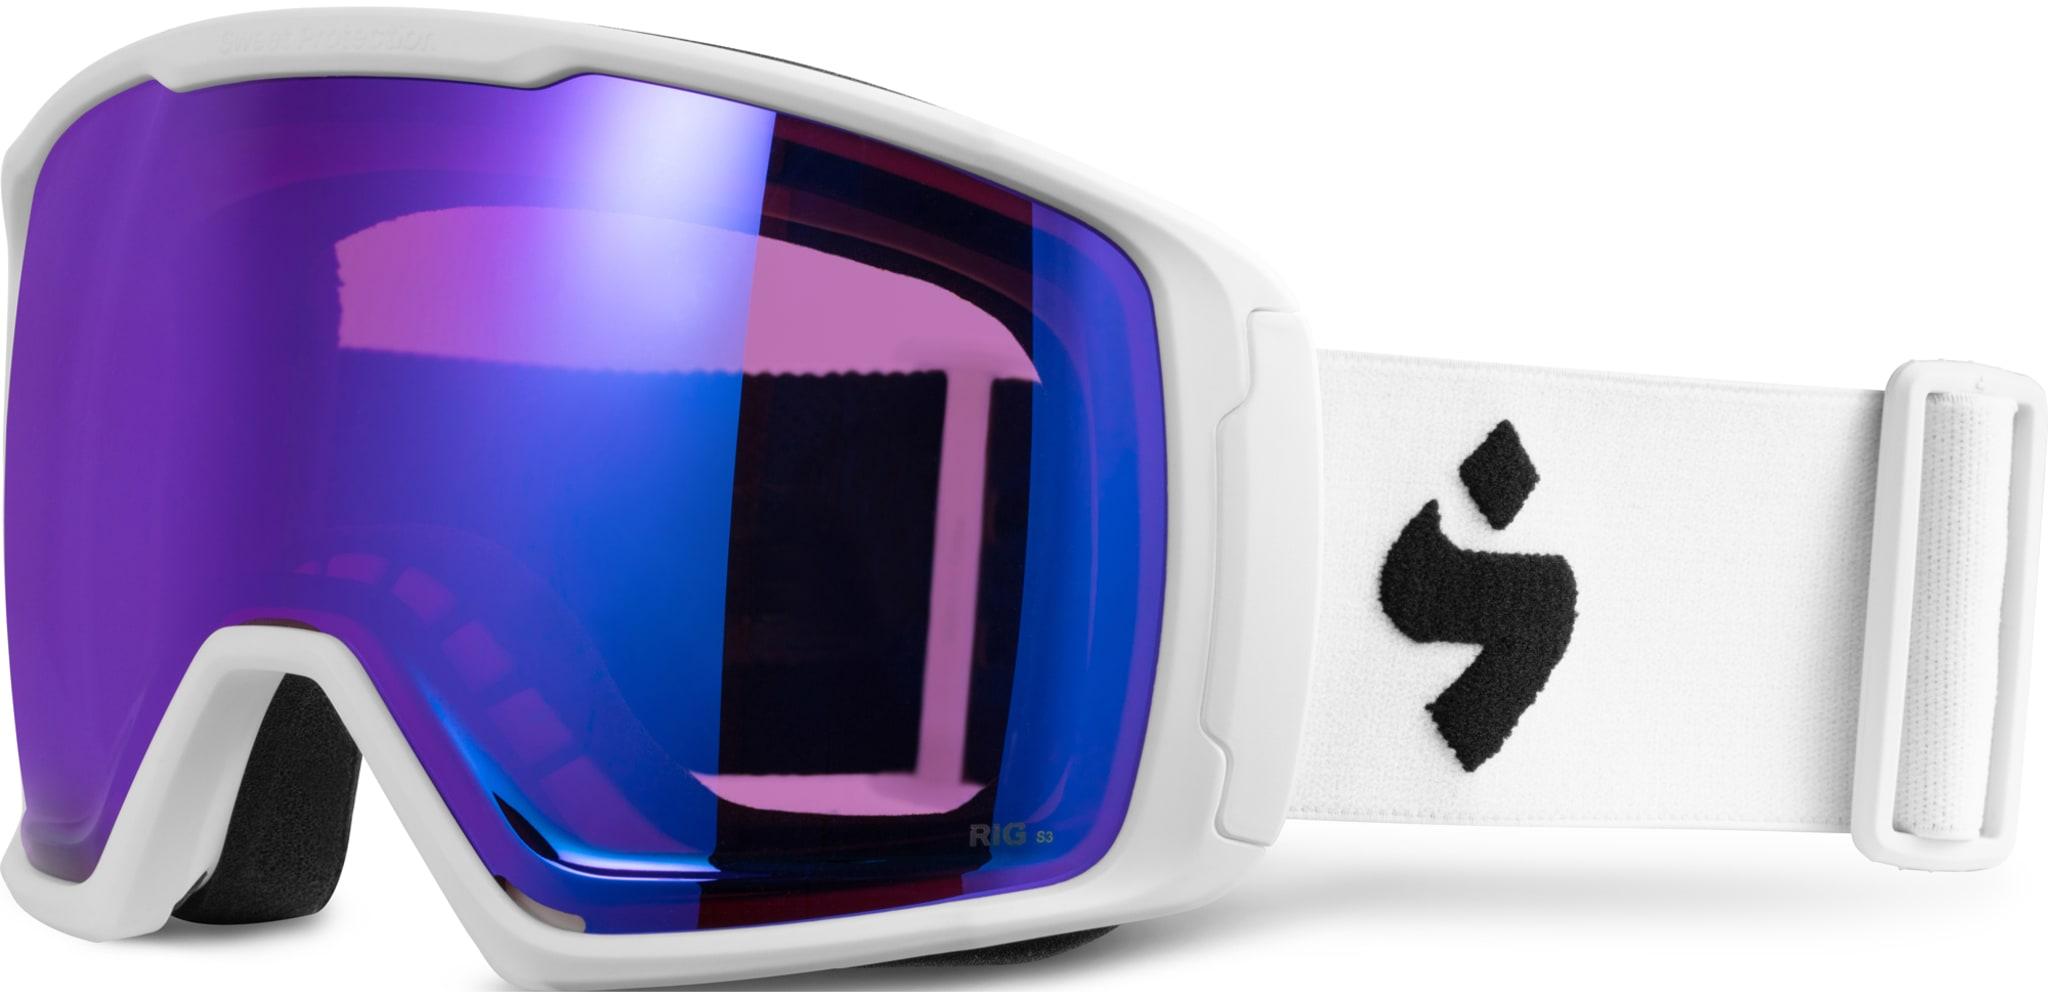 Kompakt og tettsittende brille med dobbelt sett RIG glass